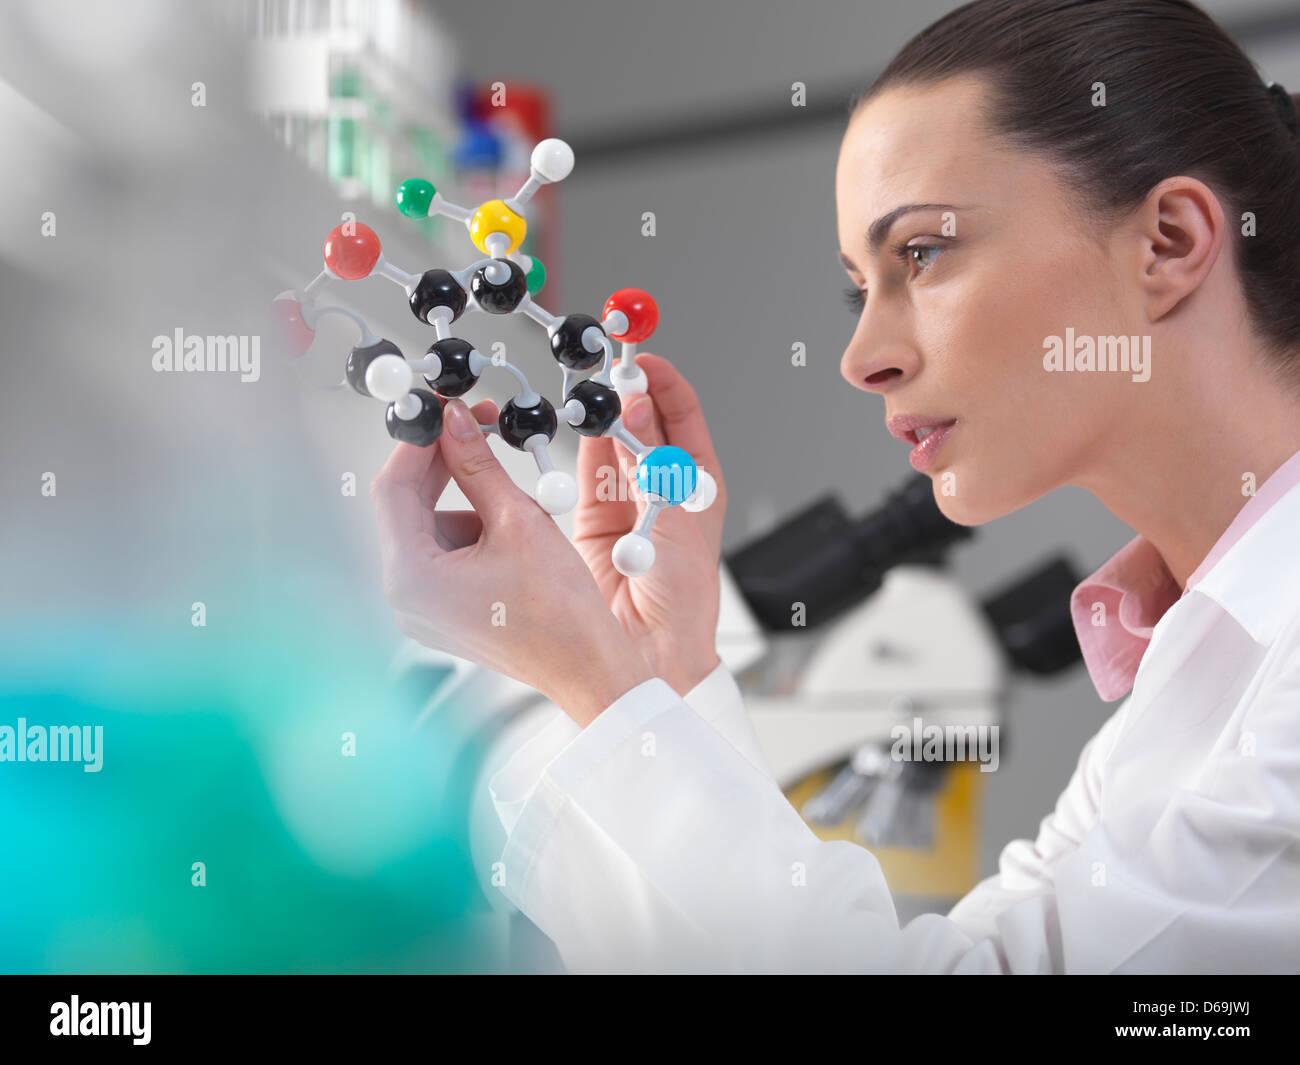 Scientist examining molecular model - Stock Image